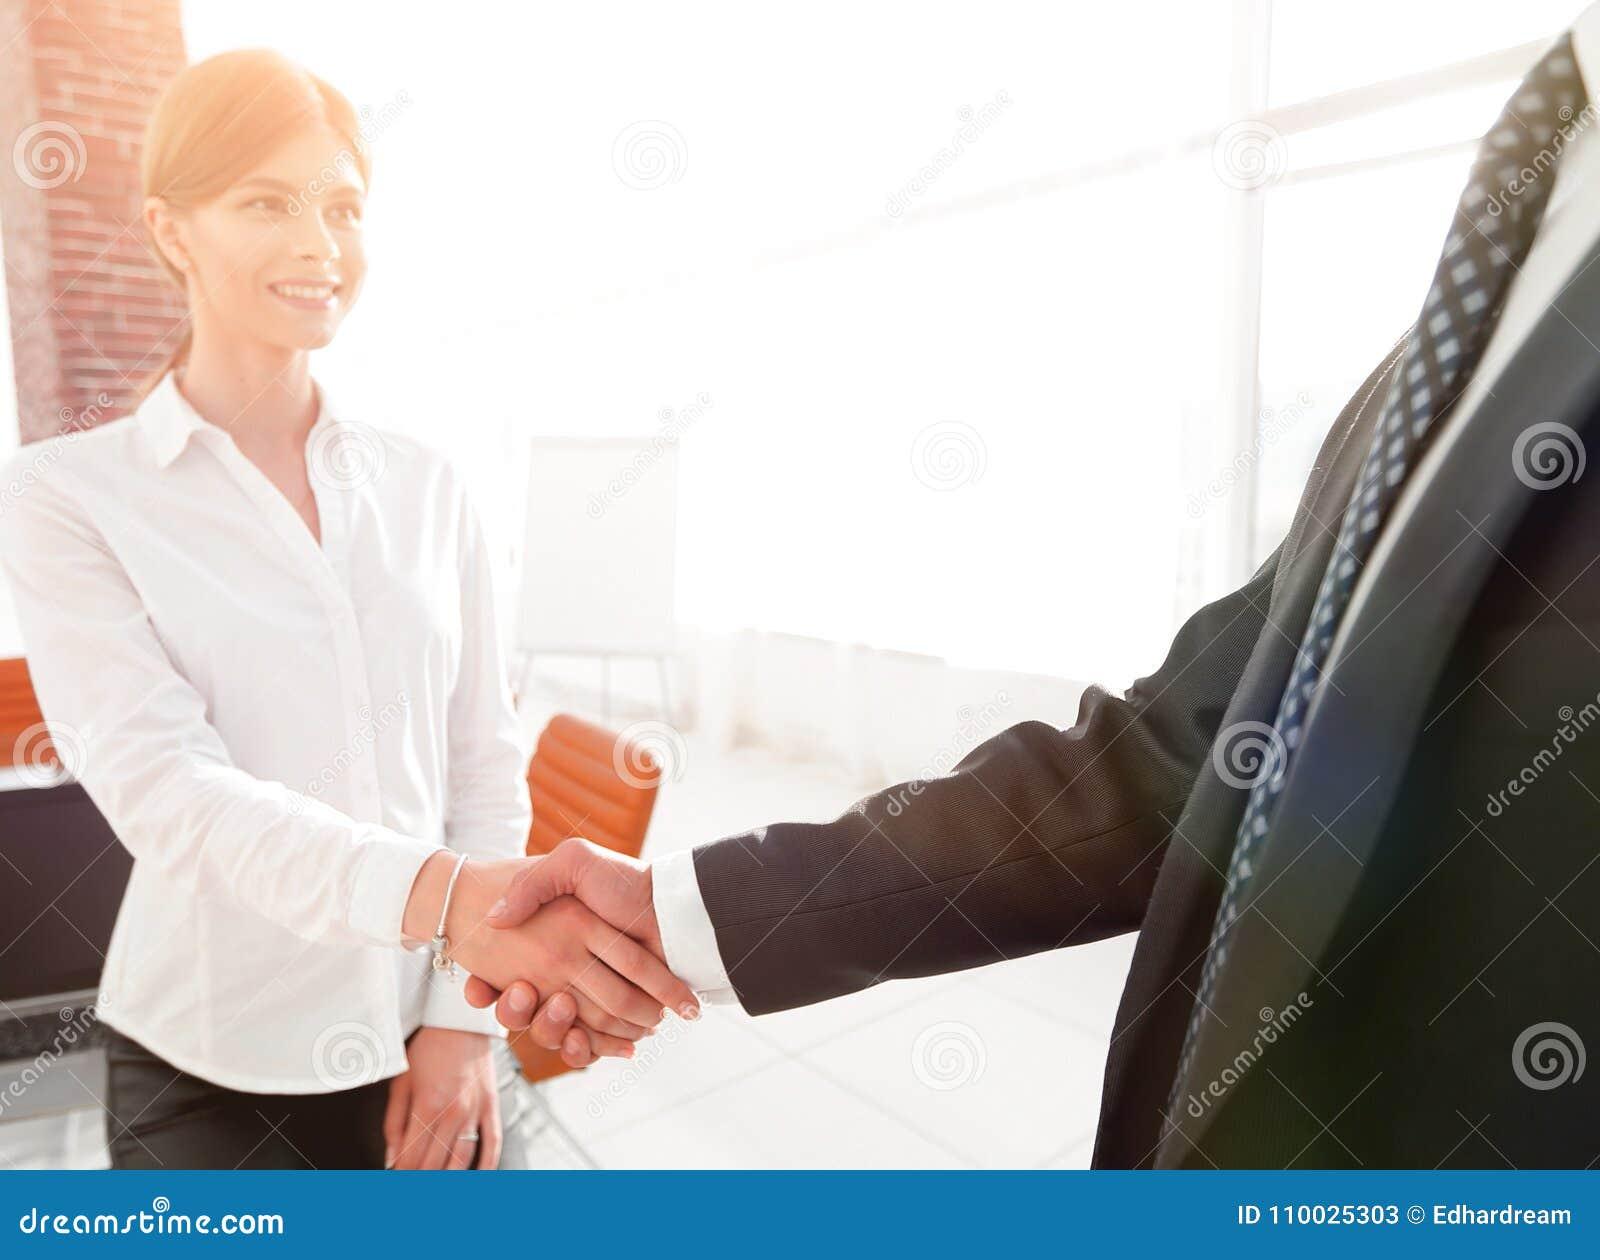 De vrouwenmanager heet de cliënt met een handdruk welkom